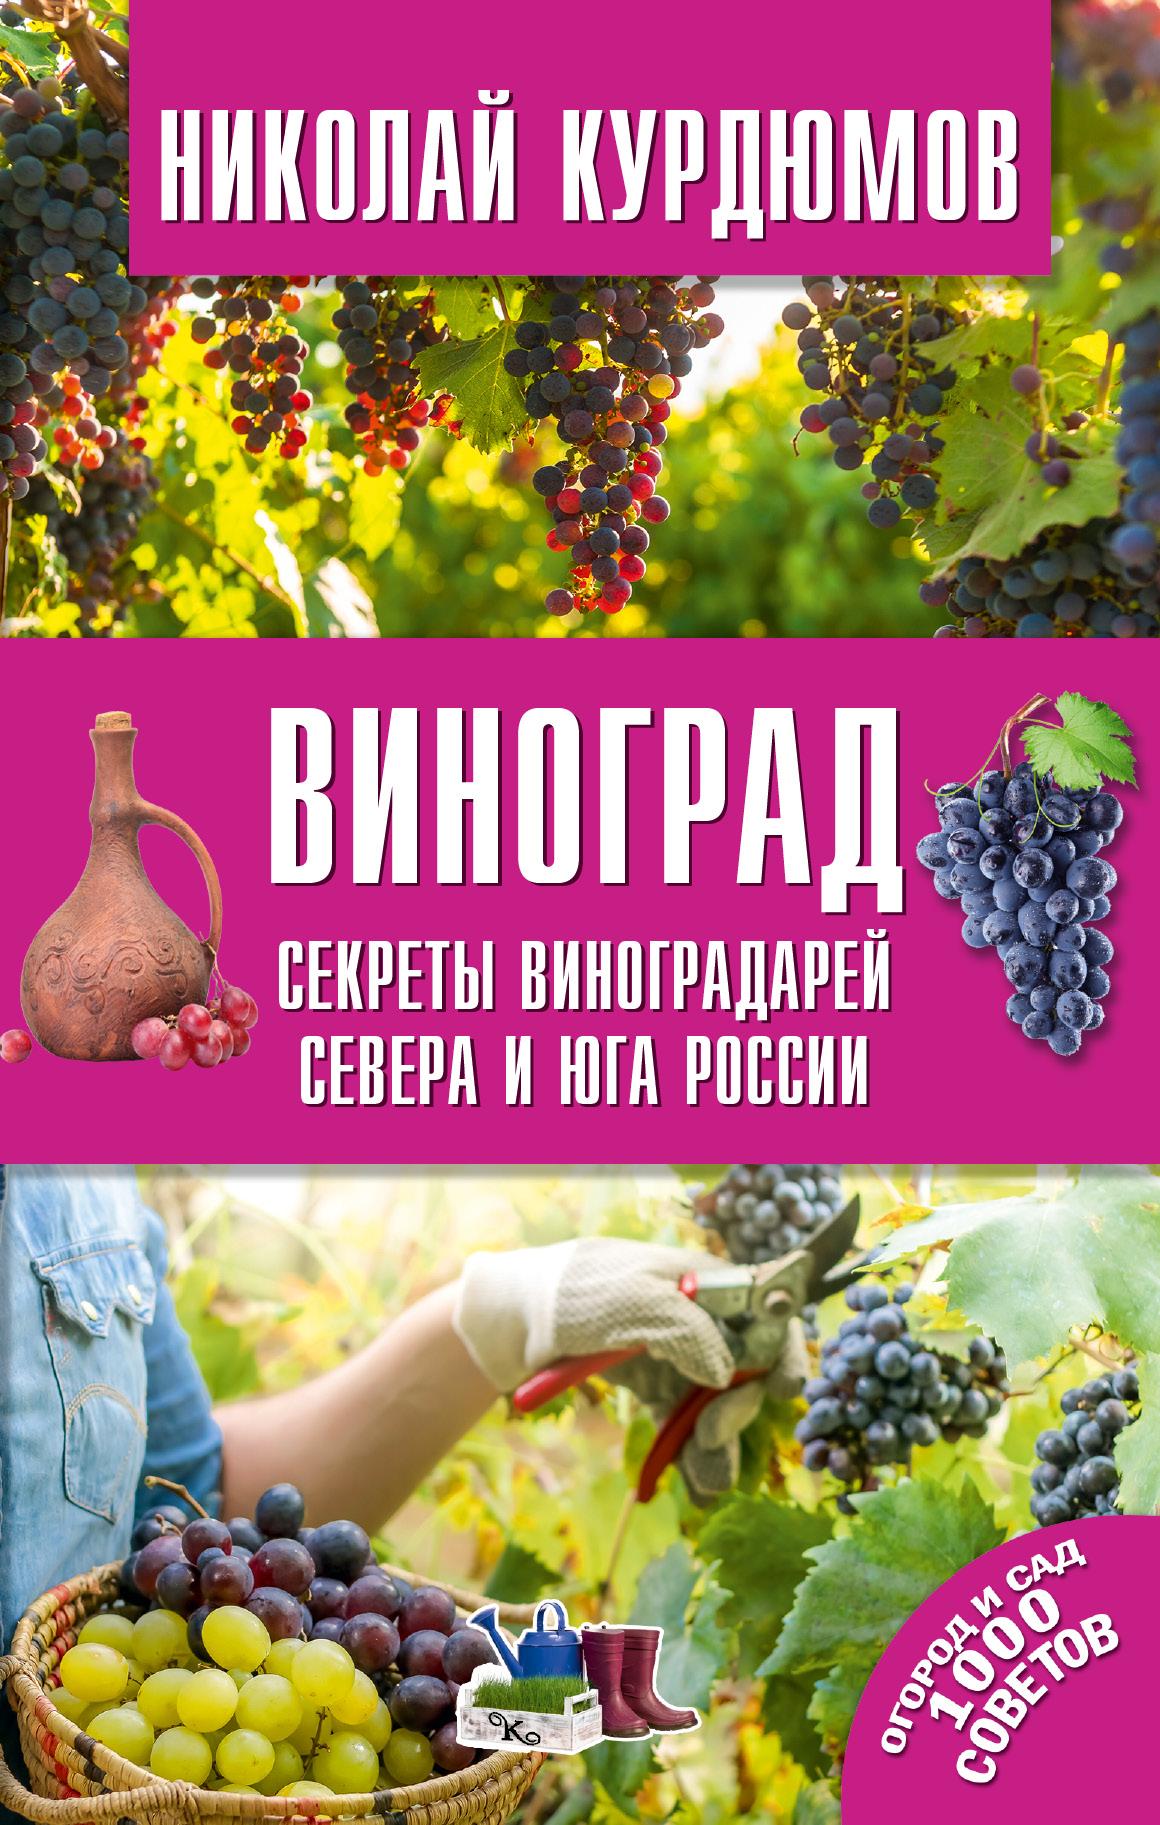 Курдюмов Николай Иванович Виноград. Секреты виноградарей севера и юга России